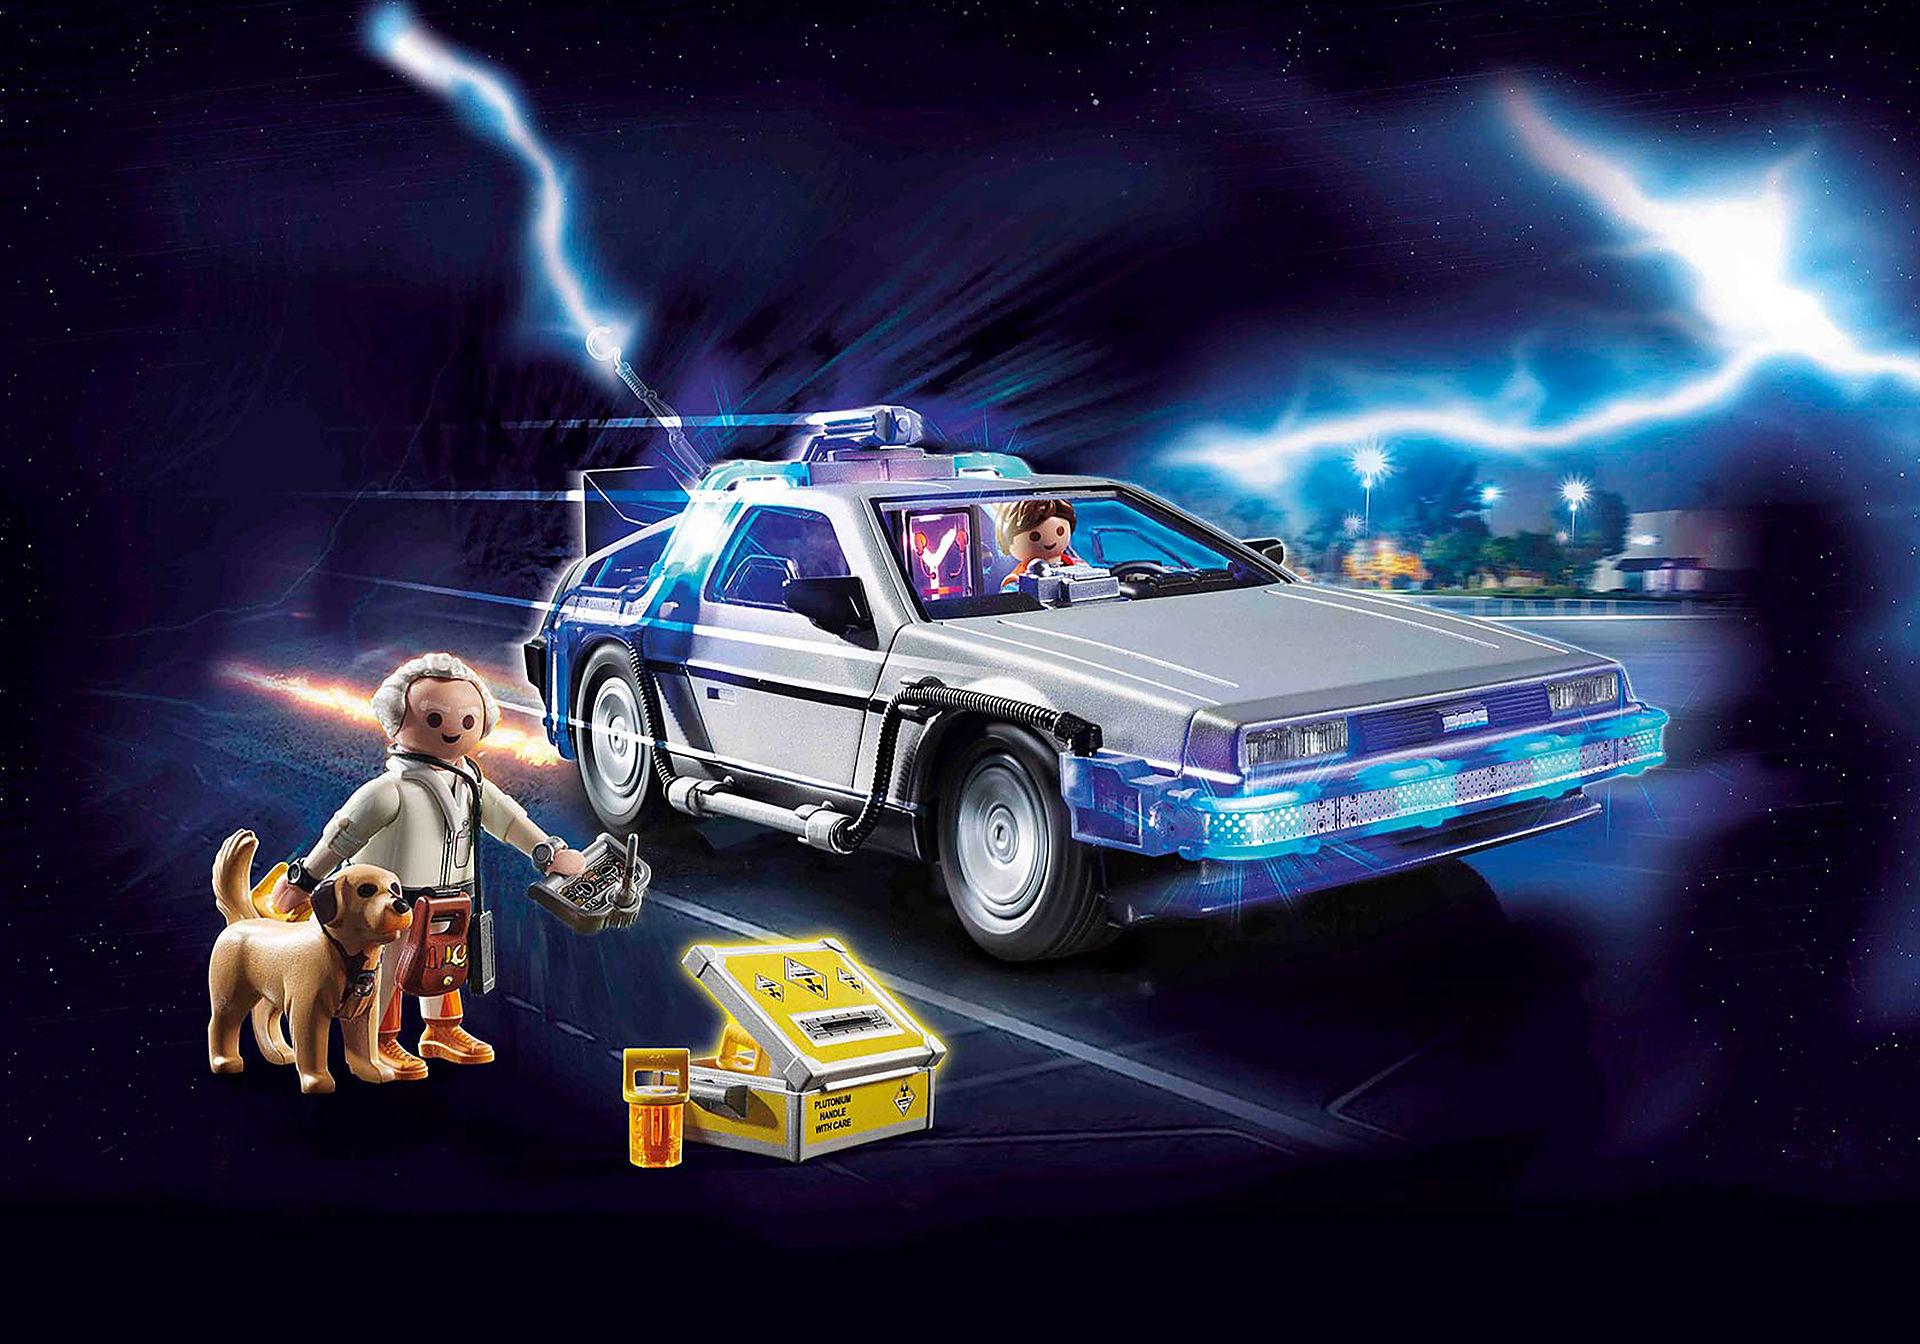 70317 Back to the Future DeLorean zoom image1